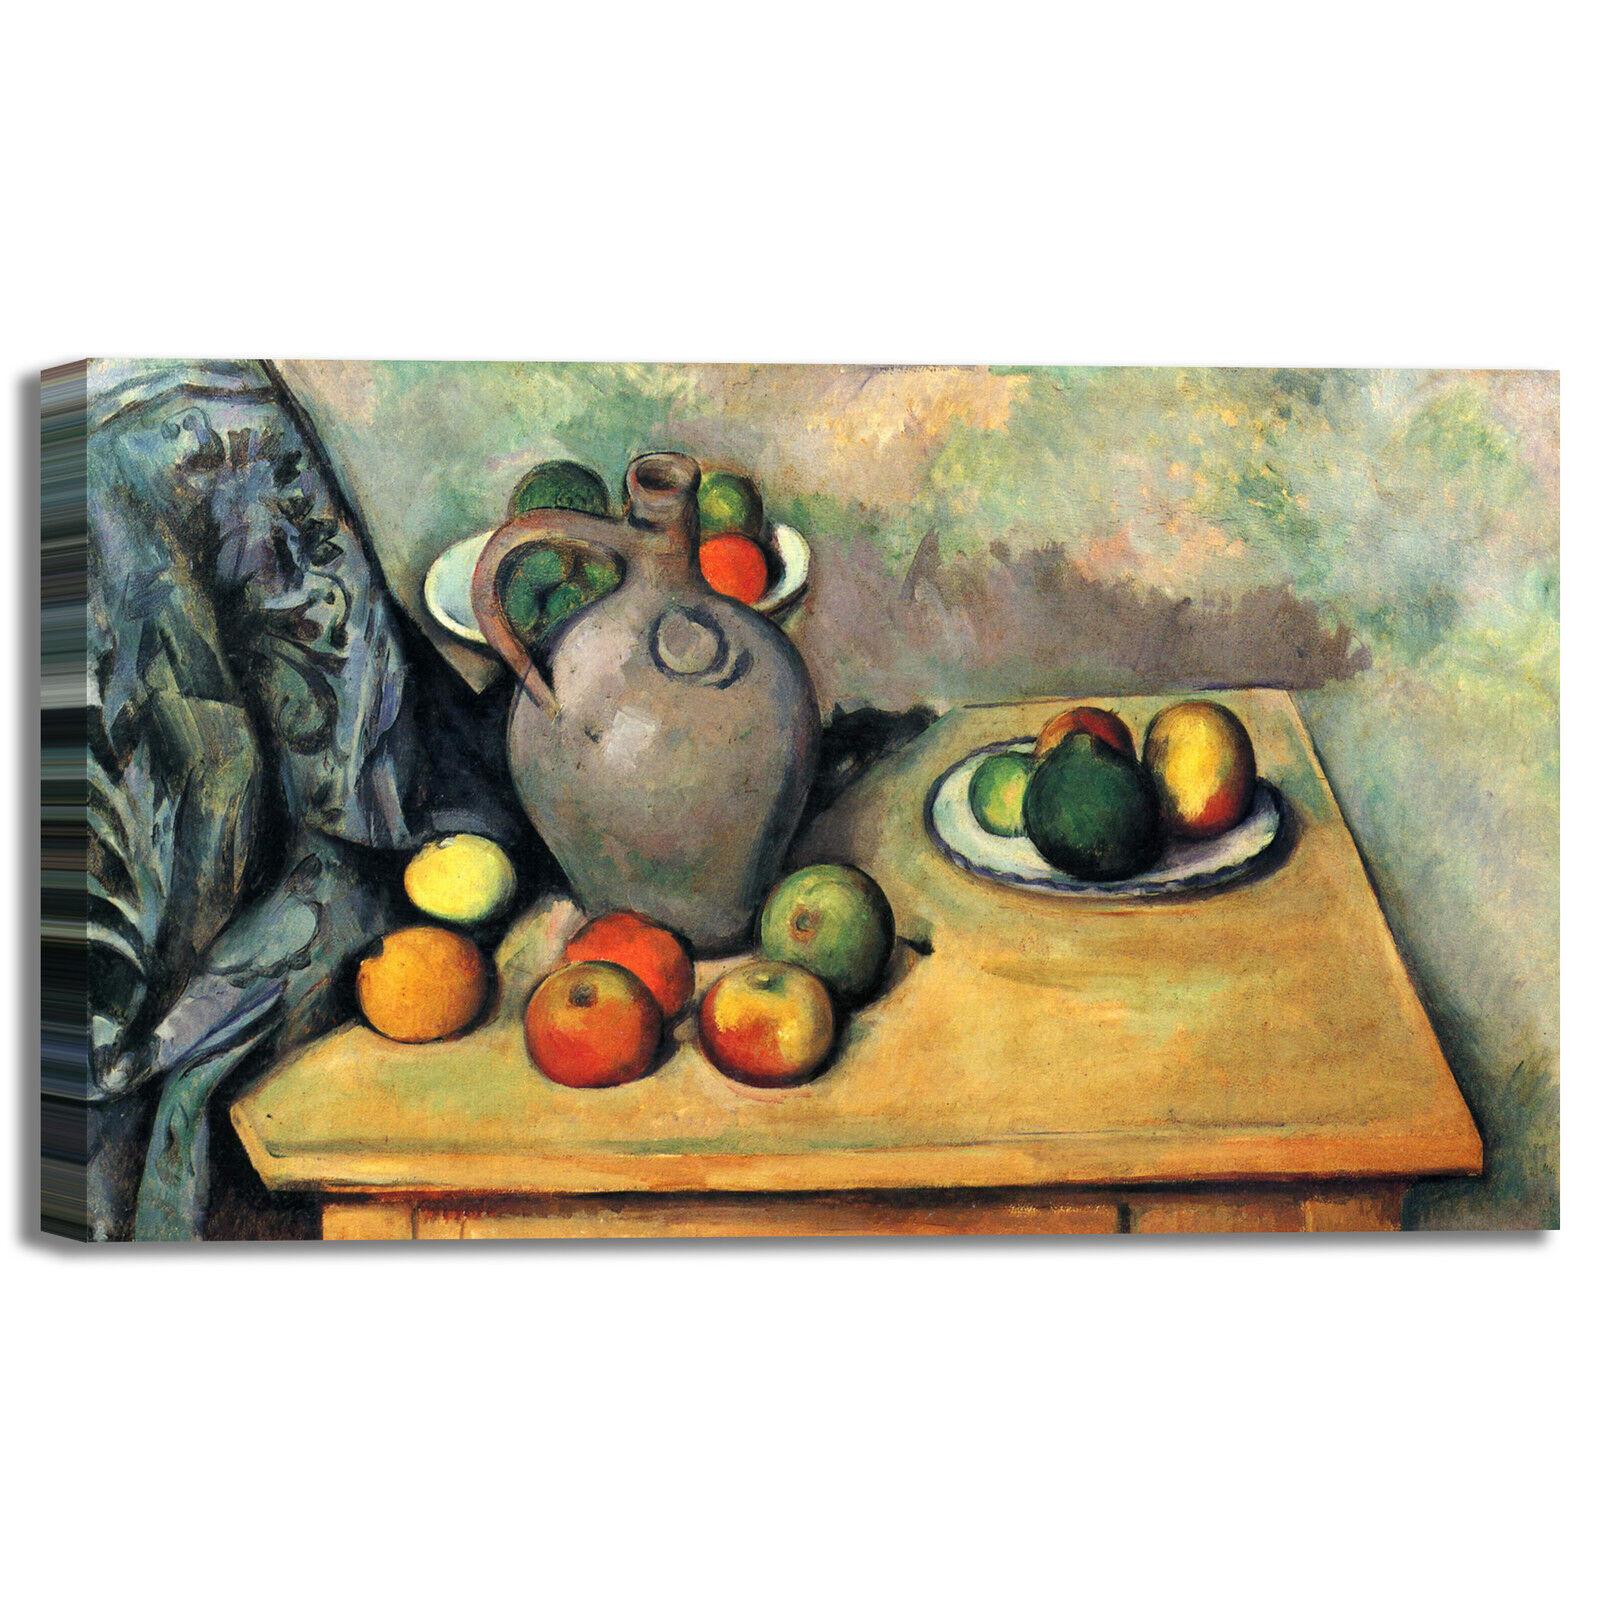 Cezanne natura morta 46 design quadro stampa tela dipinto con con dipinto telaio arRouge o casa 3da381